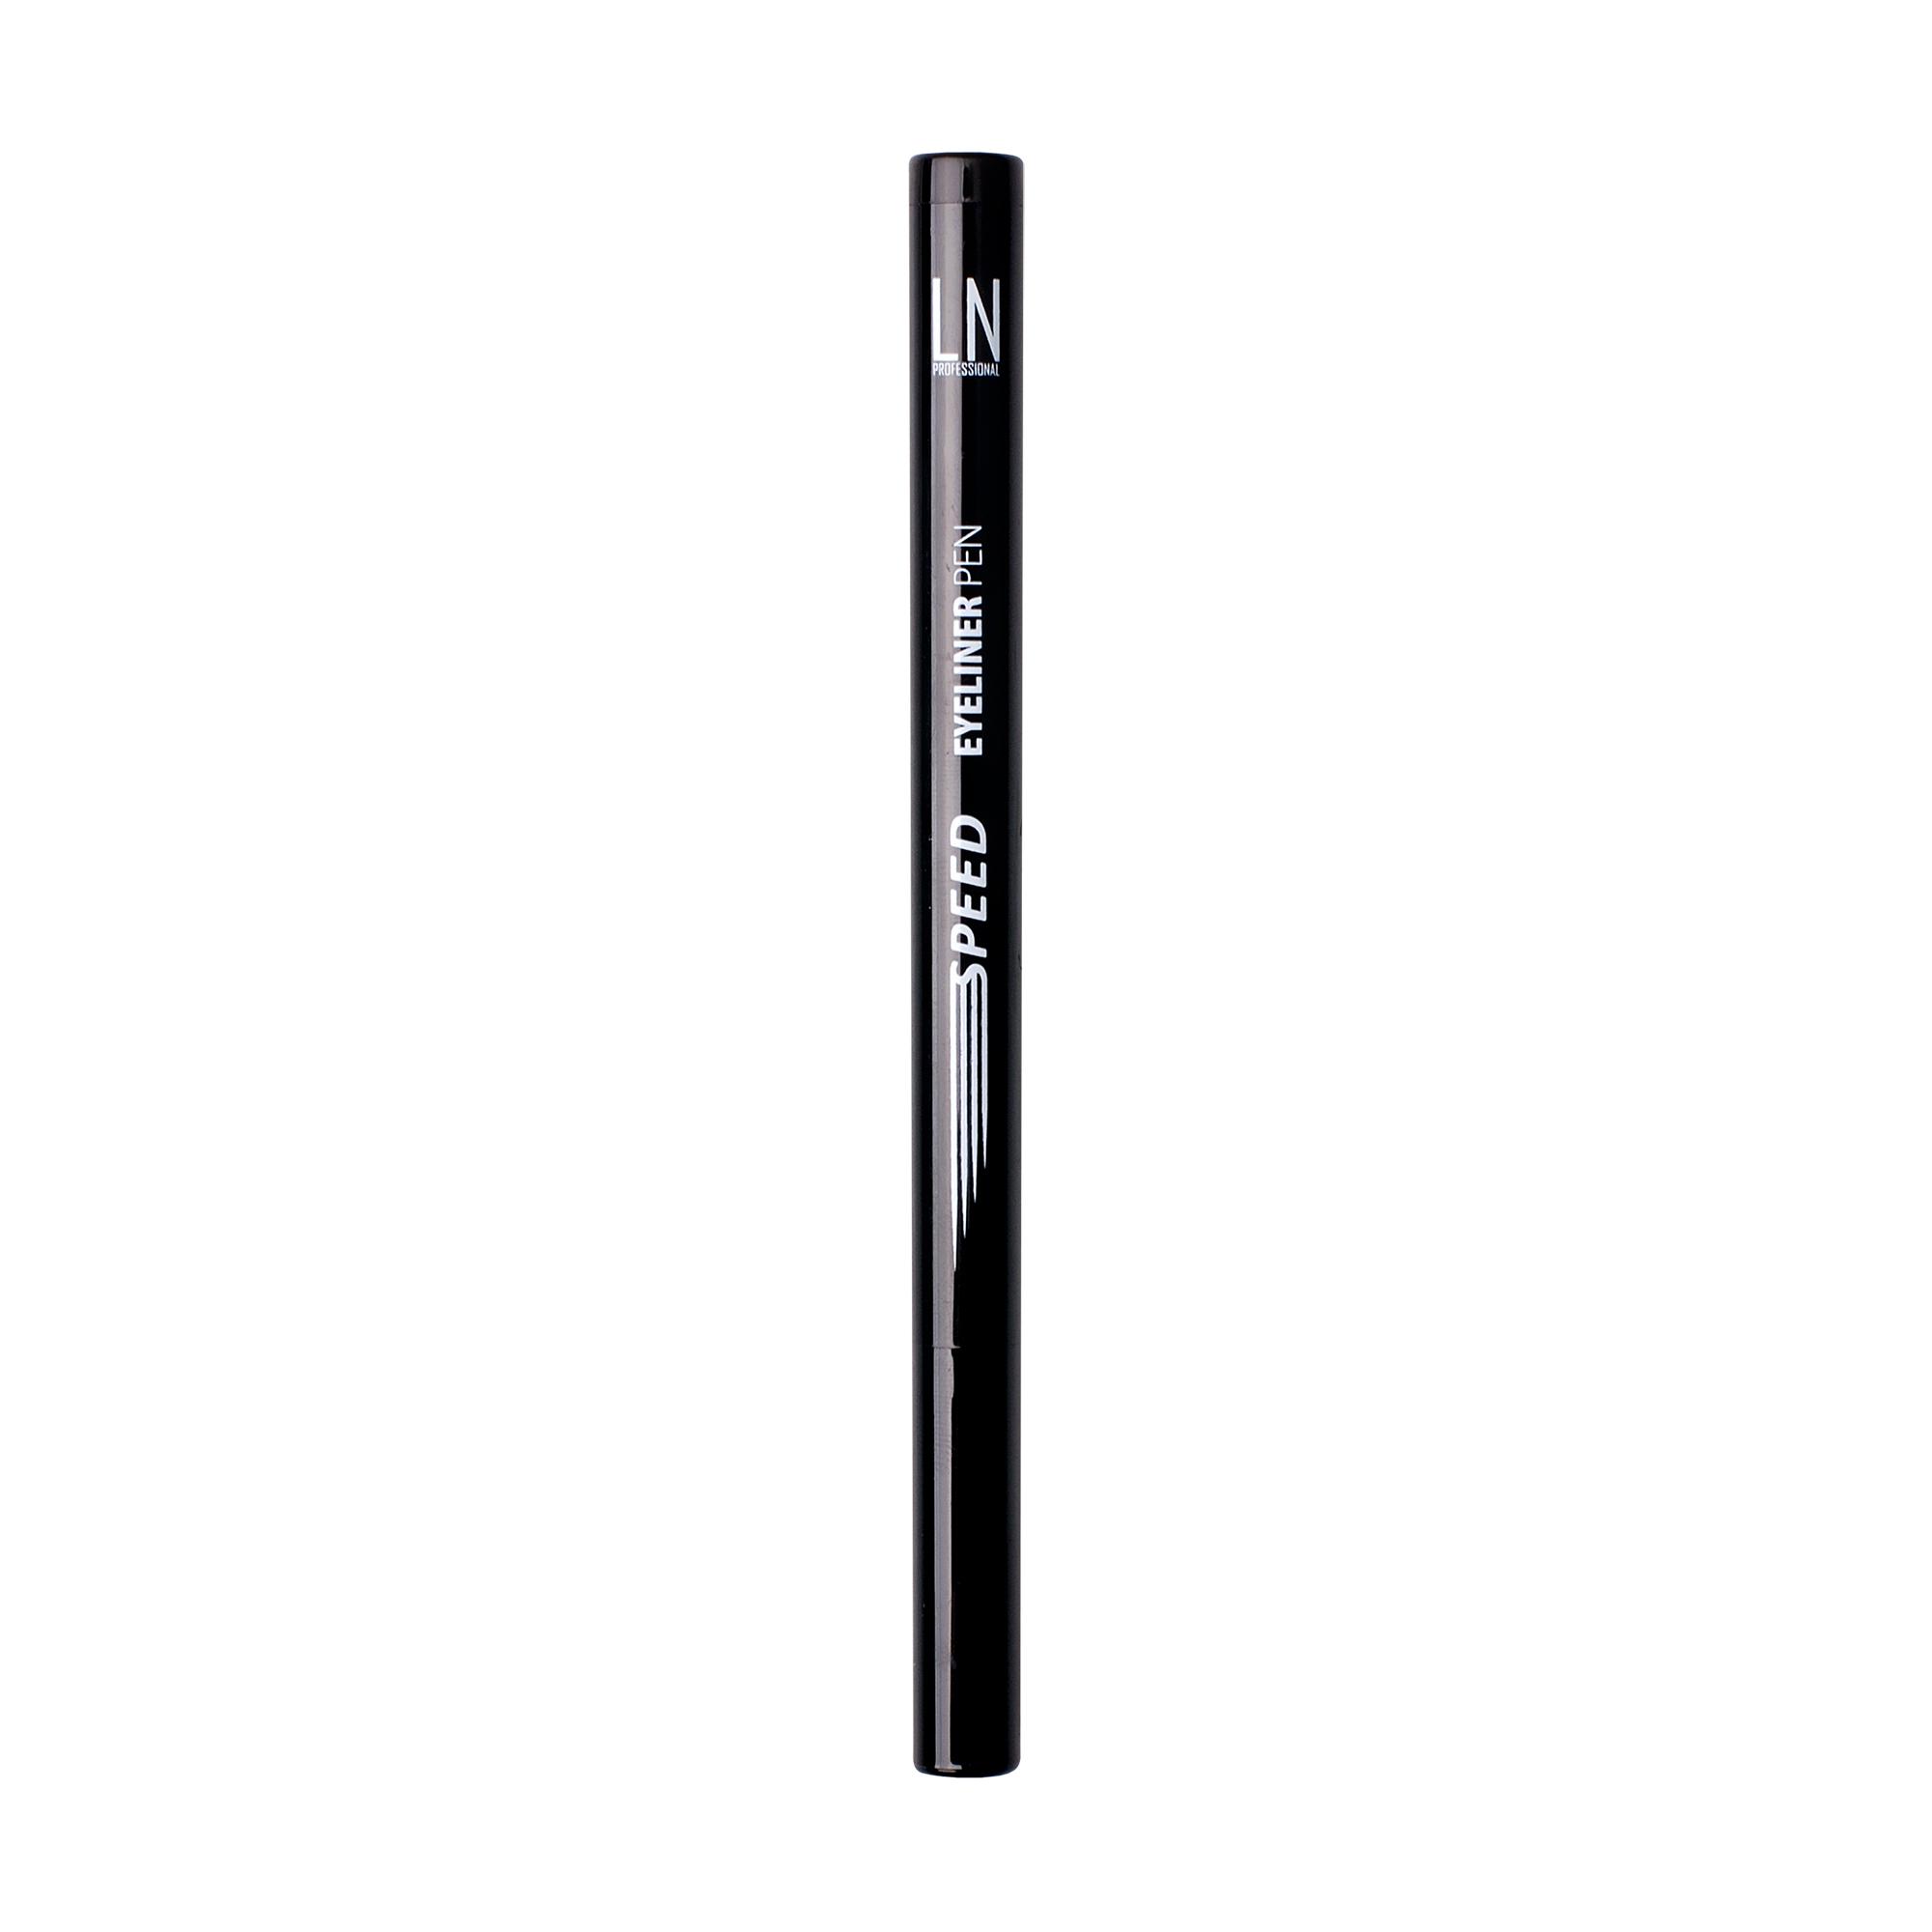 Підводка-фломастер для очей LN Professional Speed Eyeliner Pen, чорний, 2 мл